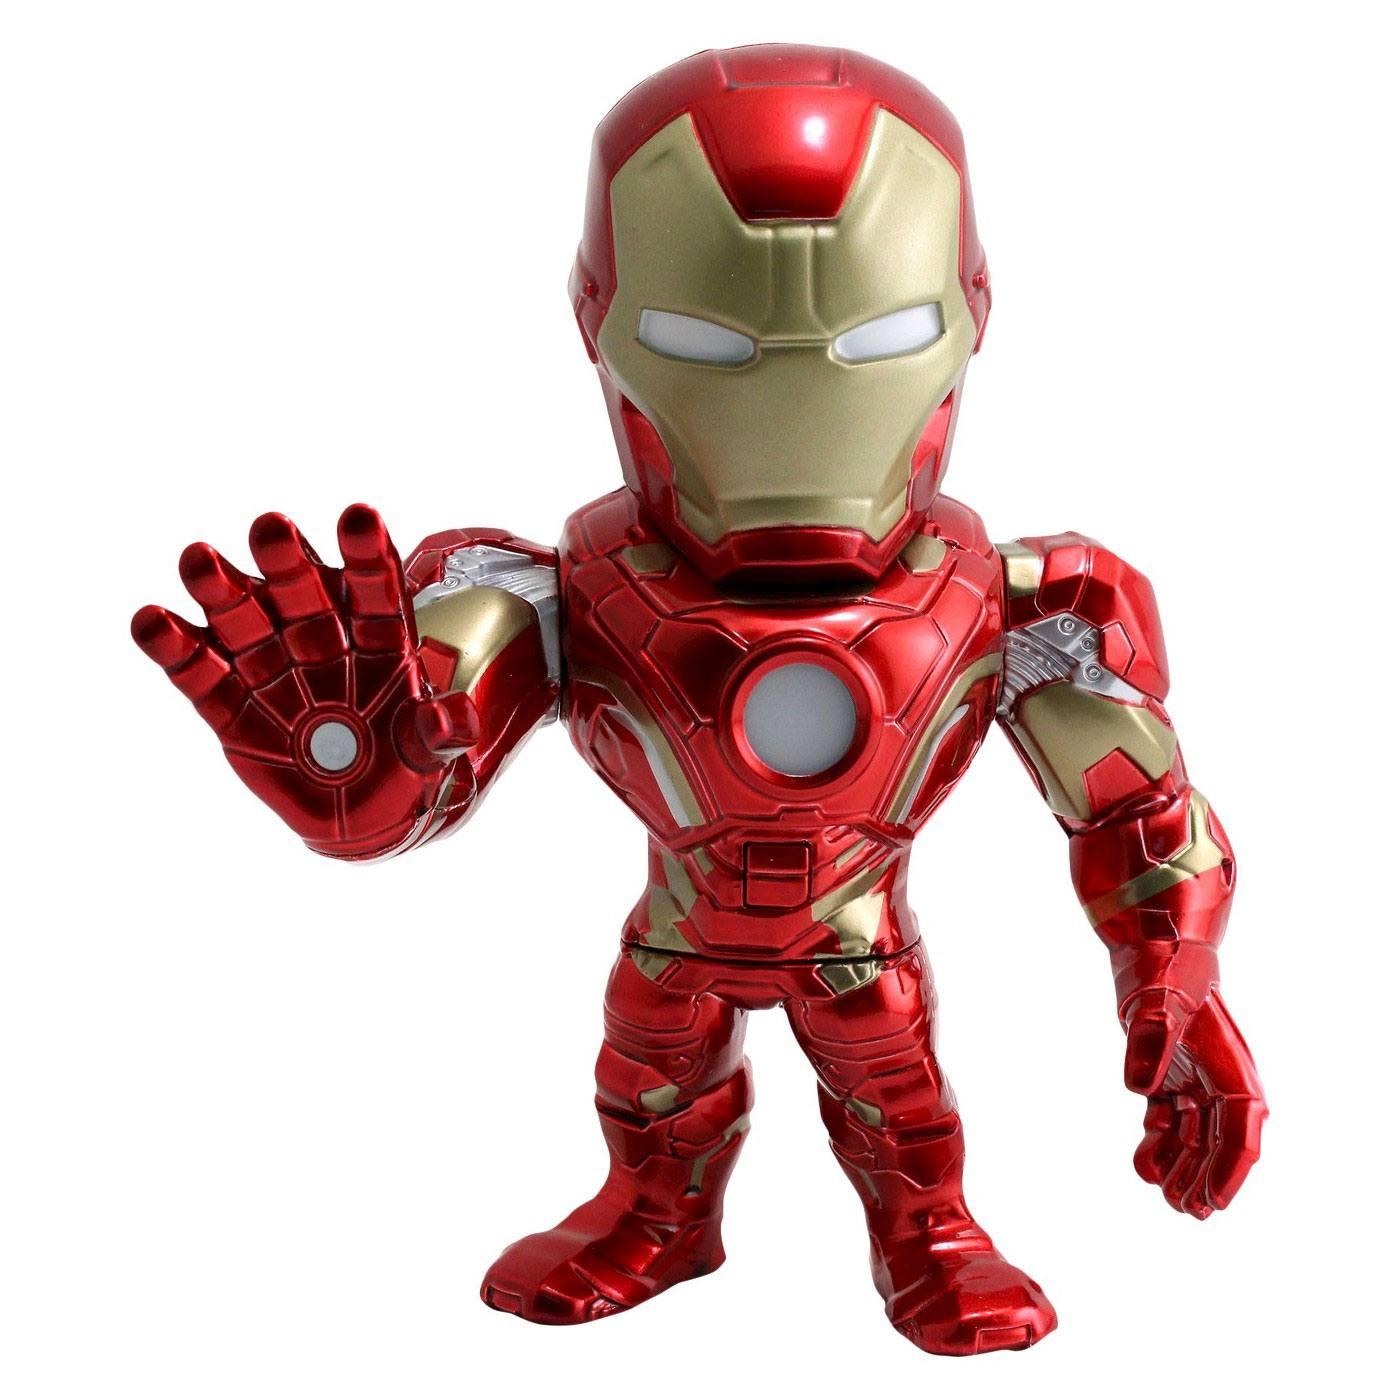 Marvel Metals Diecast Mini Figure Iron Man 15 cm